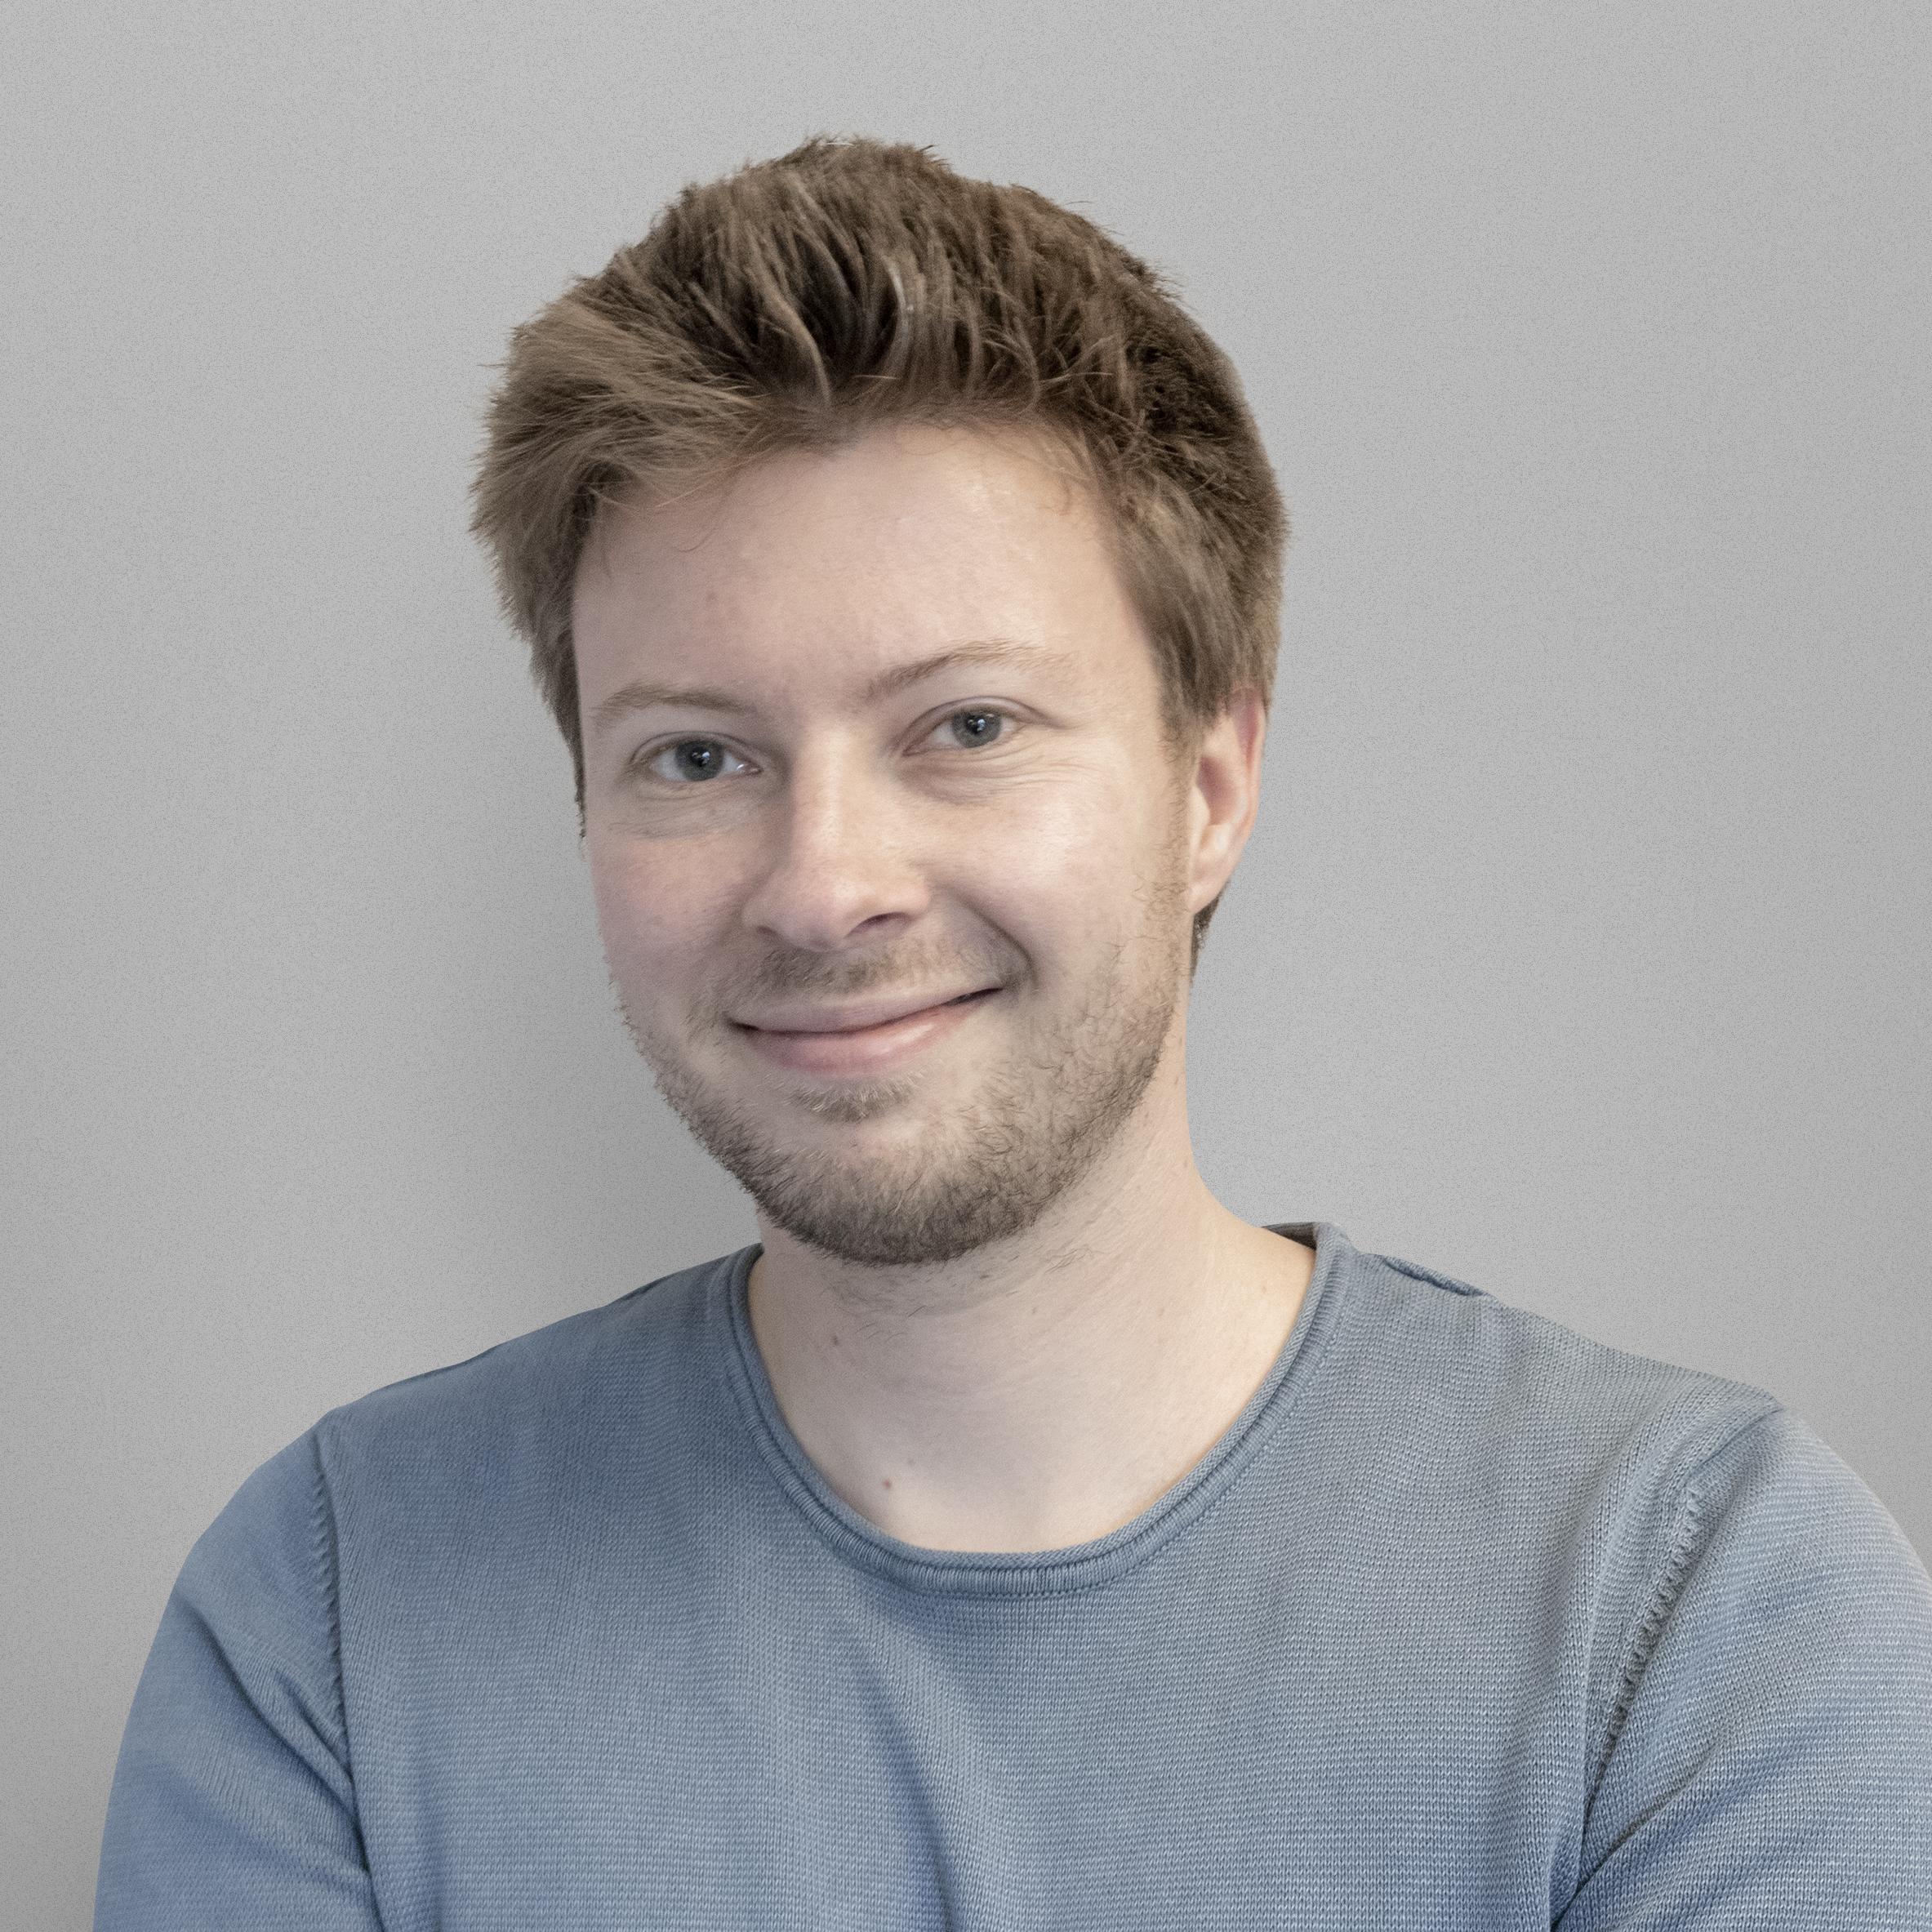 Leandro 't Jong, leandro@compacon.nl Compacon